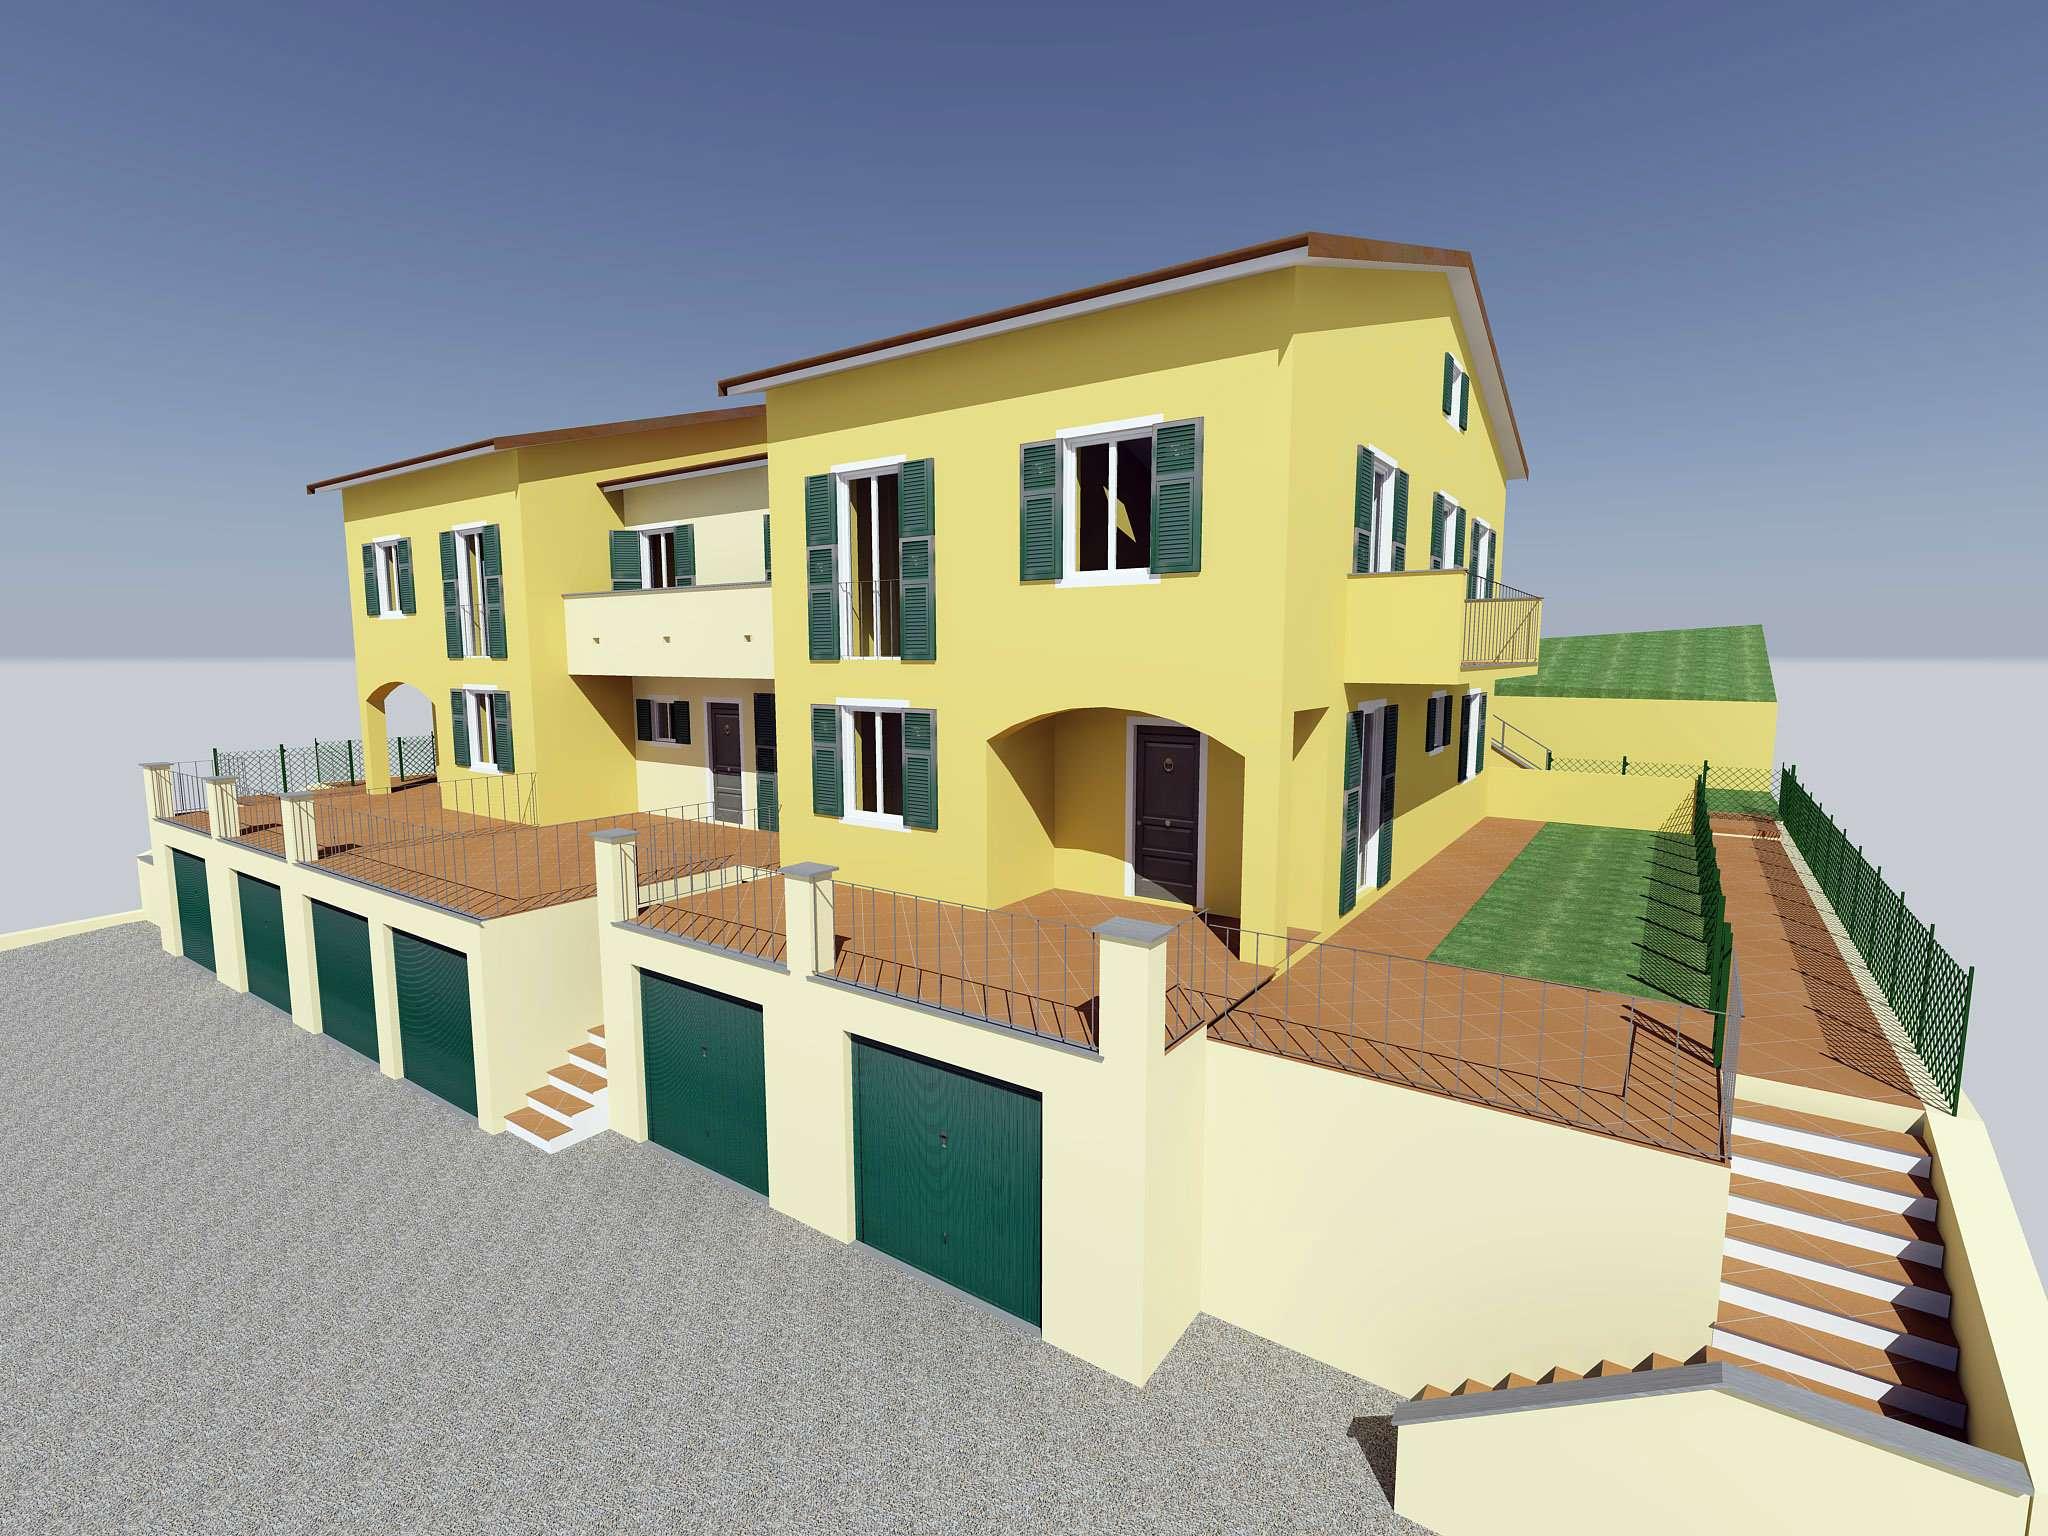 Appartamento in vendita a Riccò del Golfo di Spezia, 4 locali, prezzo € 155.000 | CambioCasa.it